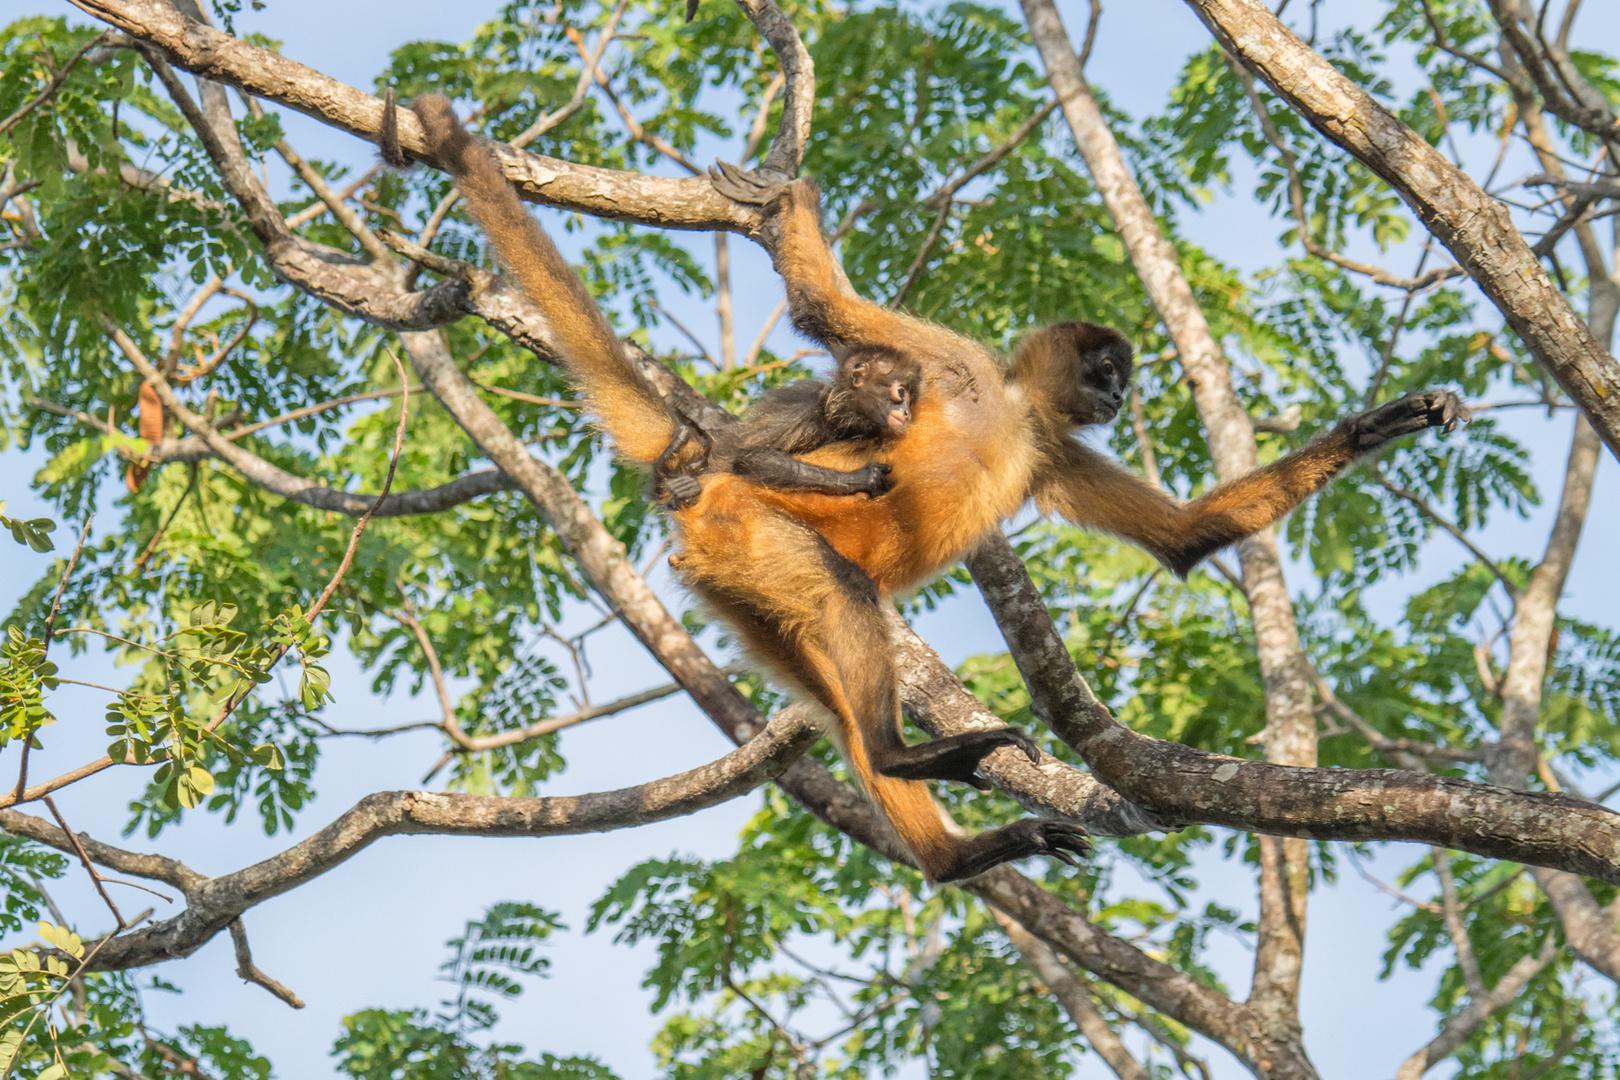 Geoffroy-Klammeraffe (Ateles geoffroyi) in der Nähe von La Cruz, Costa Rica